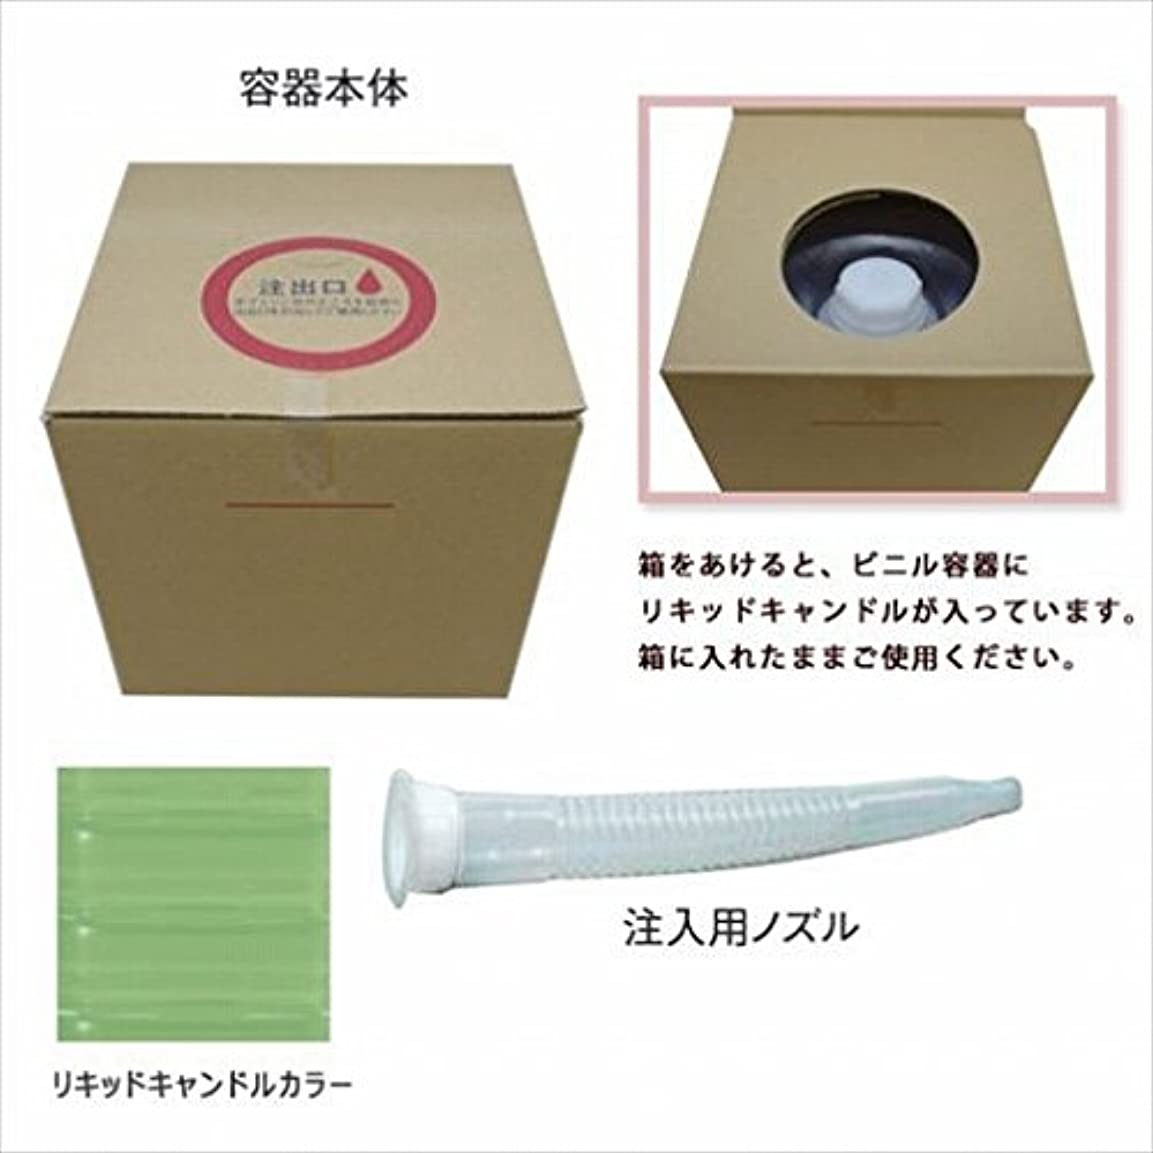 口ひげマートアナリストカメヤマキャンドル(kameyama candle) リキッドキャンドル5リットル 「 ライトグリーン 」